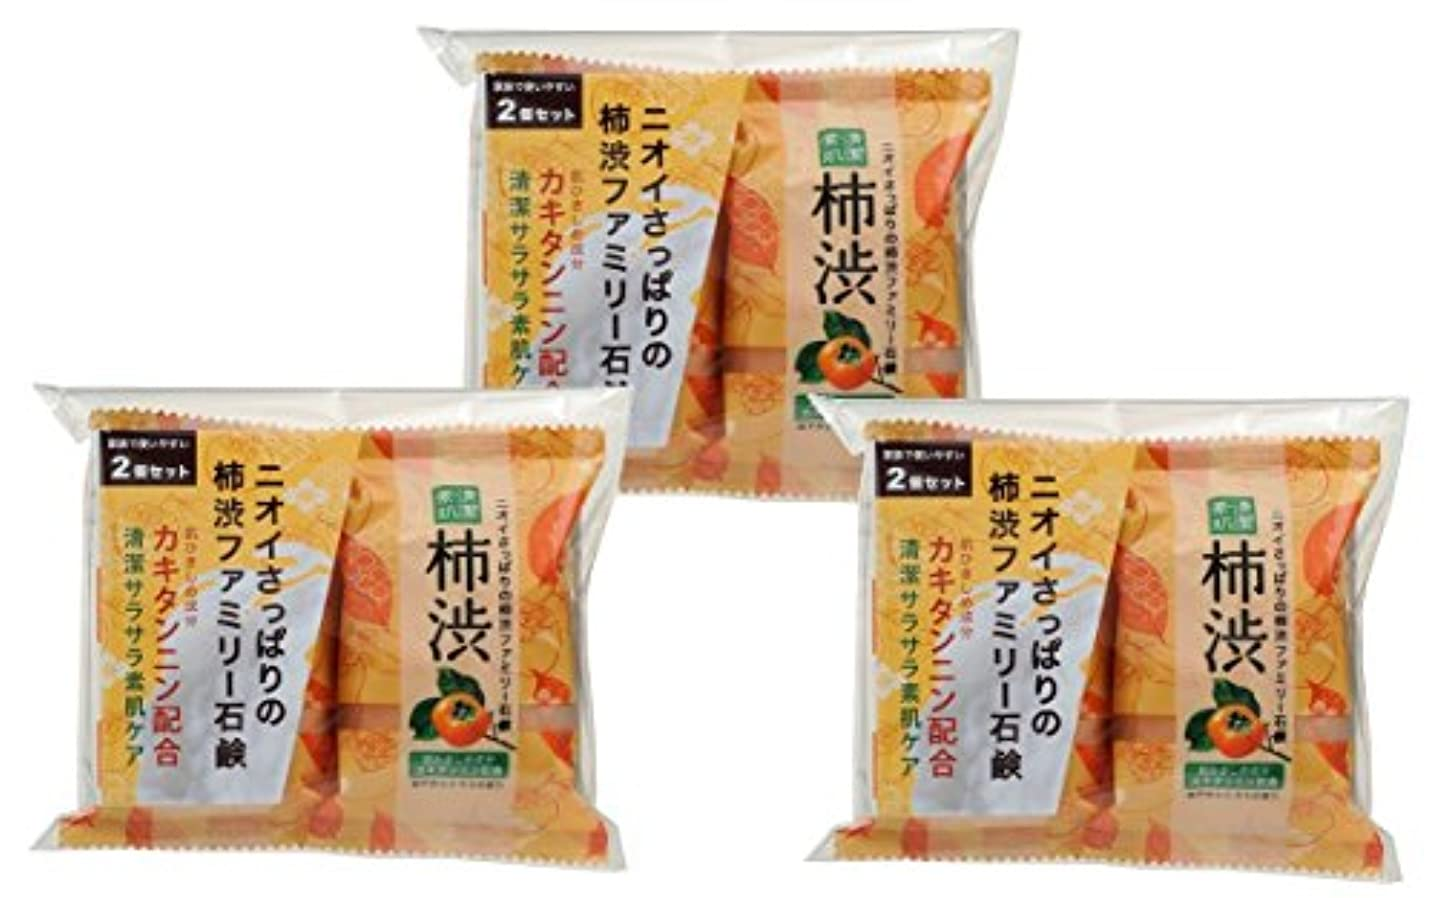 朝食を食べる期待する正しいペリカン石鹸 ファミリー 柿渋石けん (80g×2個) ×3個パック